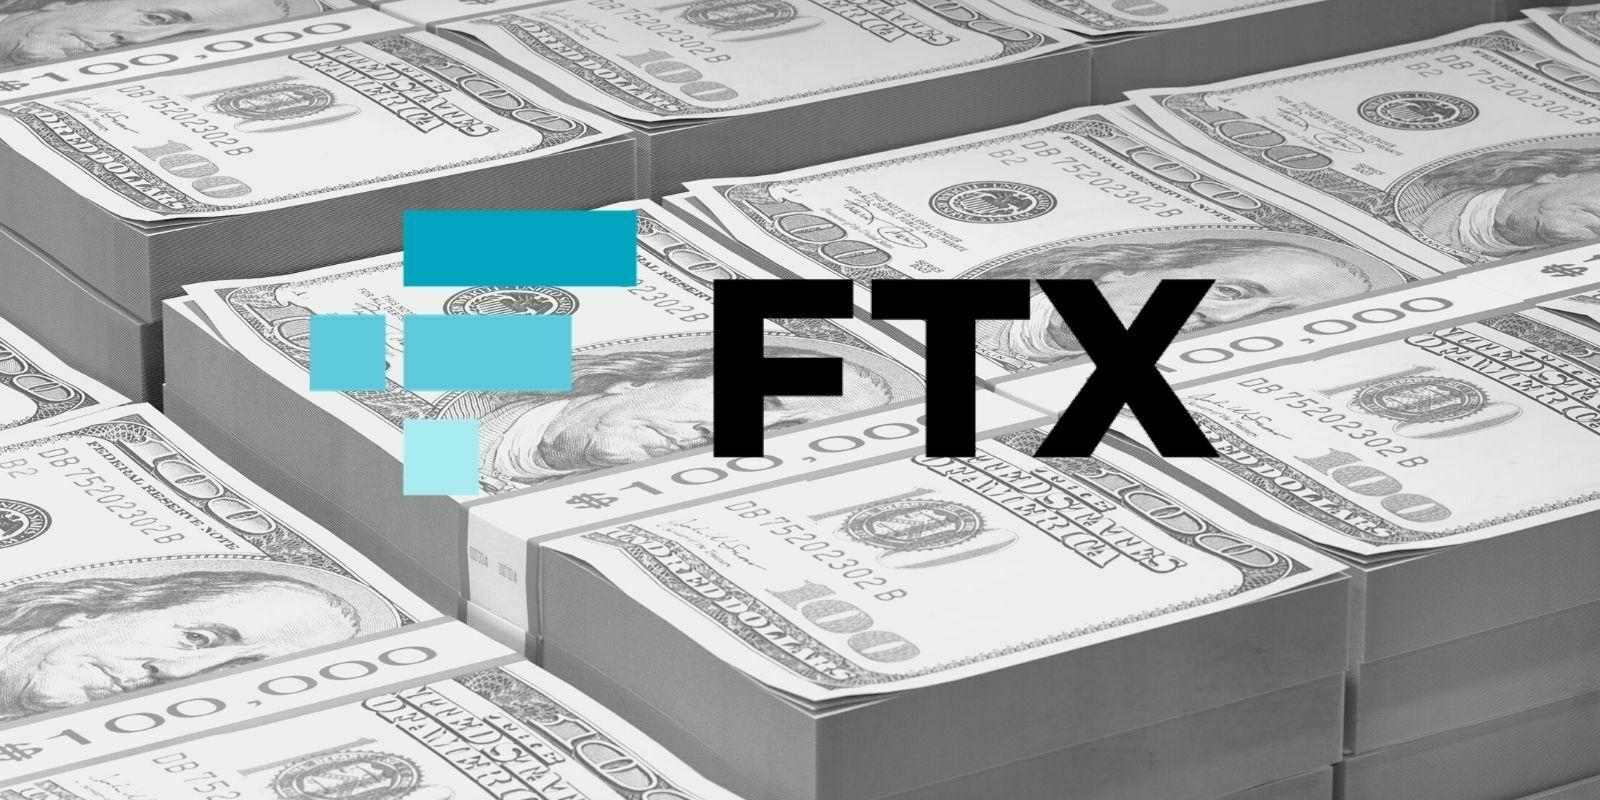 FTX s'apprête à lever 1 milliard de dollars pour étendre ses activités